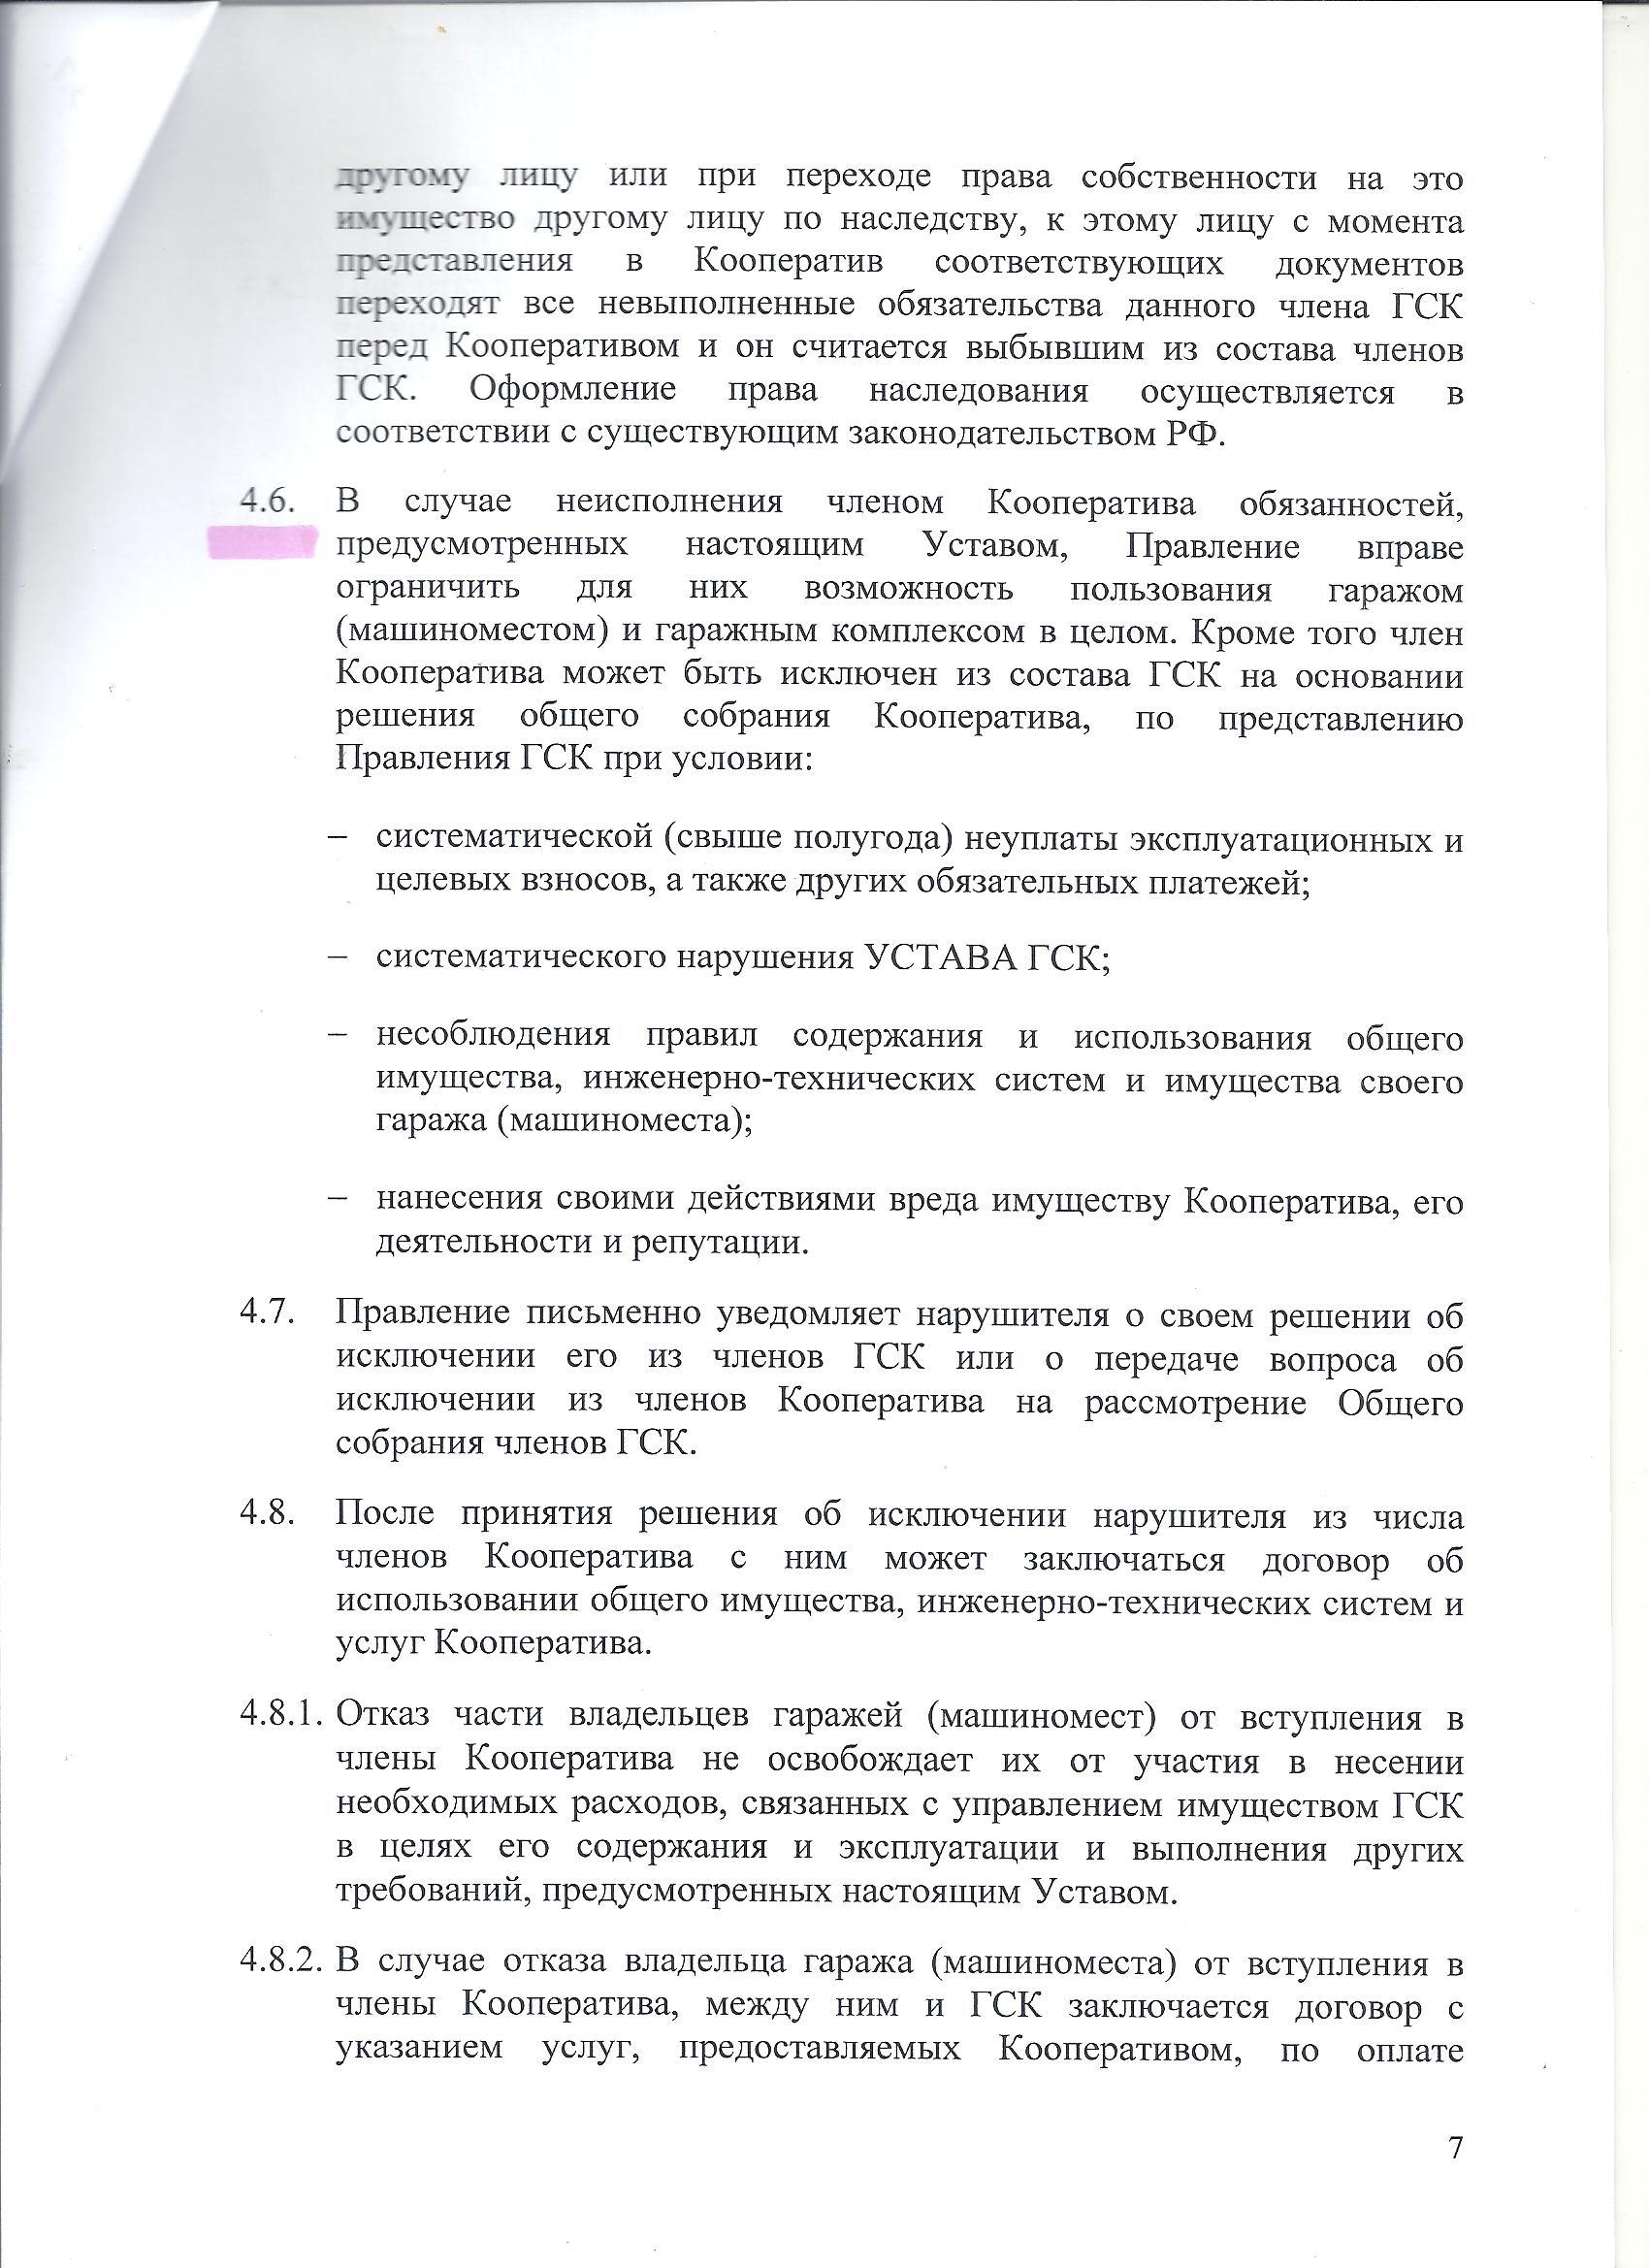 http://forumupload.ru/uploads/0018/e6/9c/2/167820.jpg